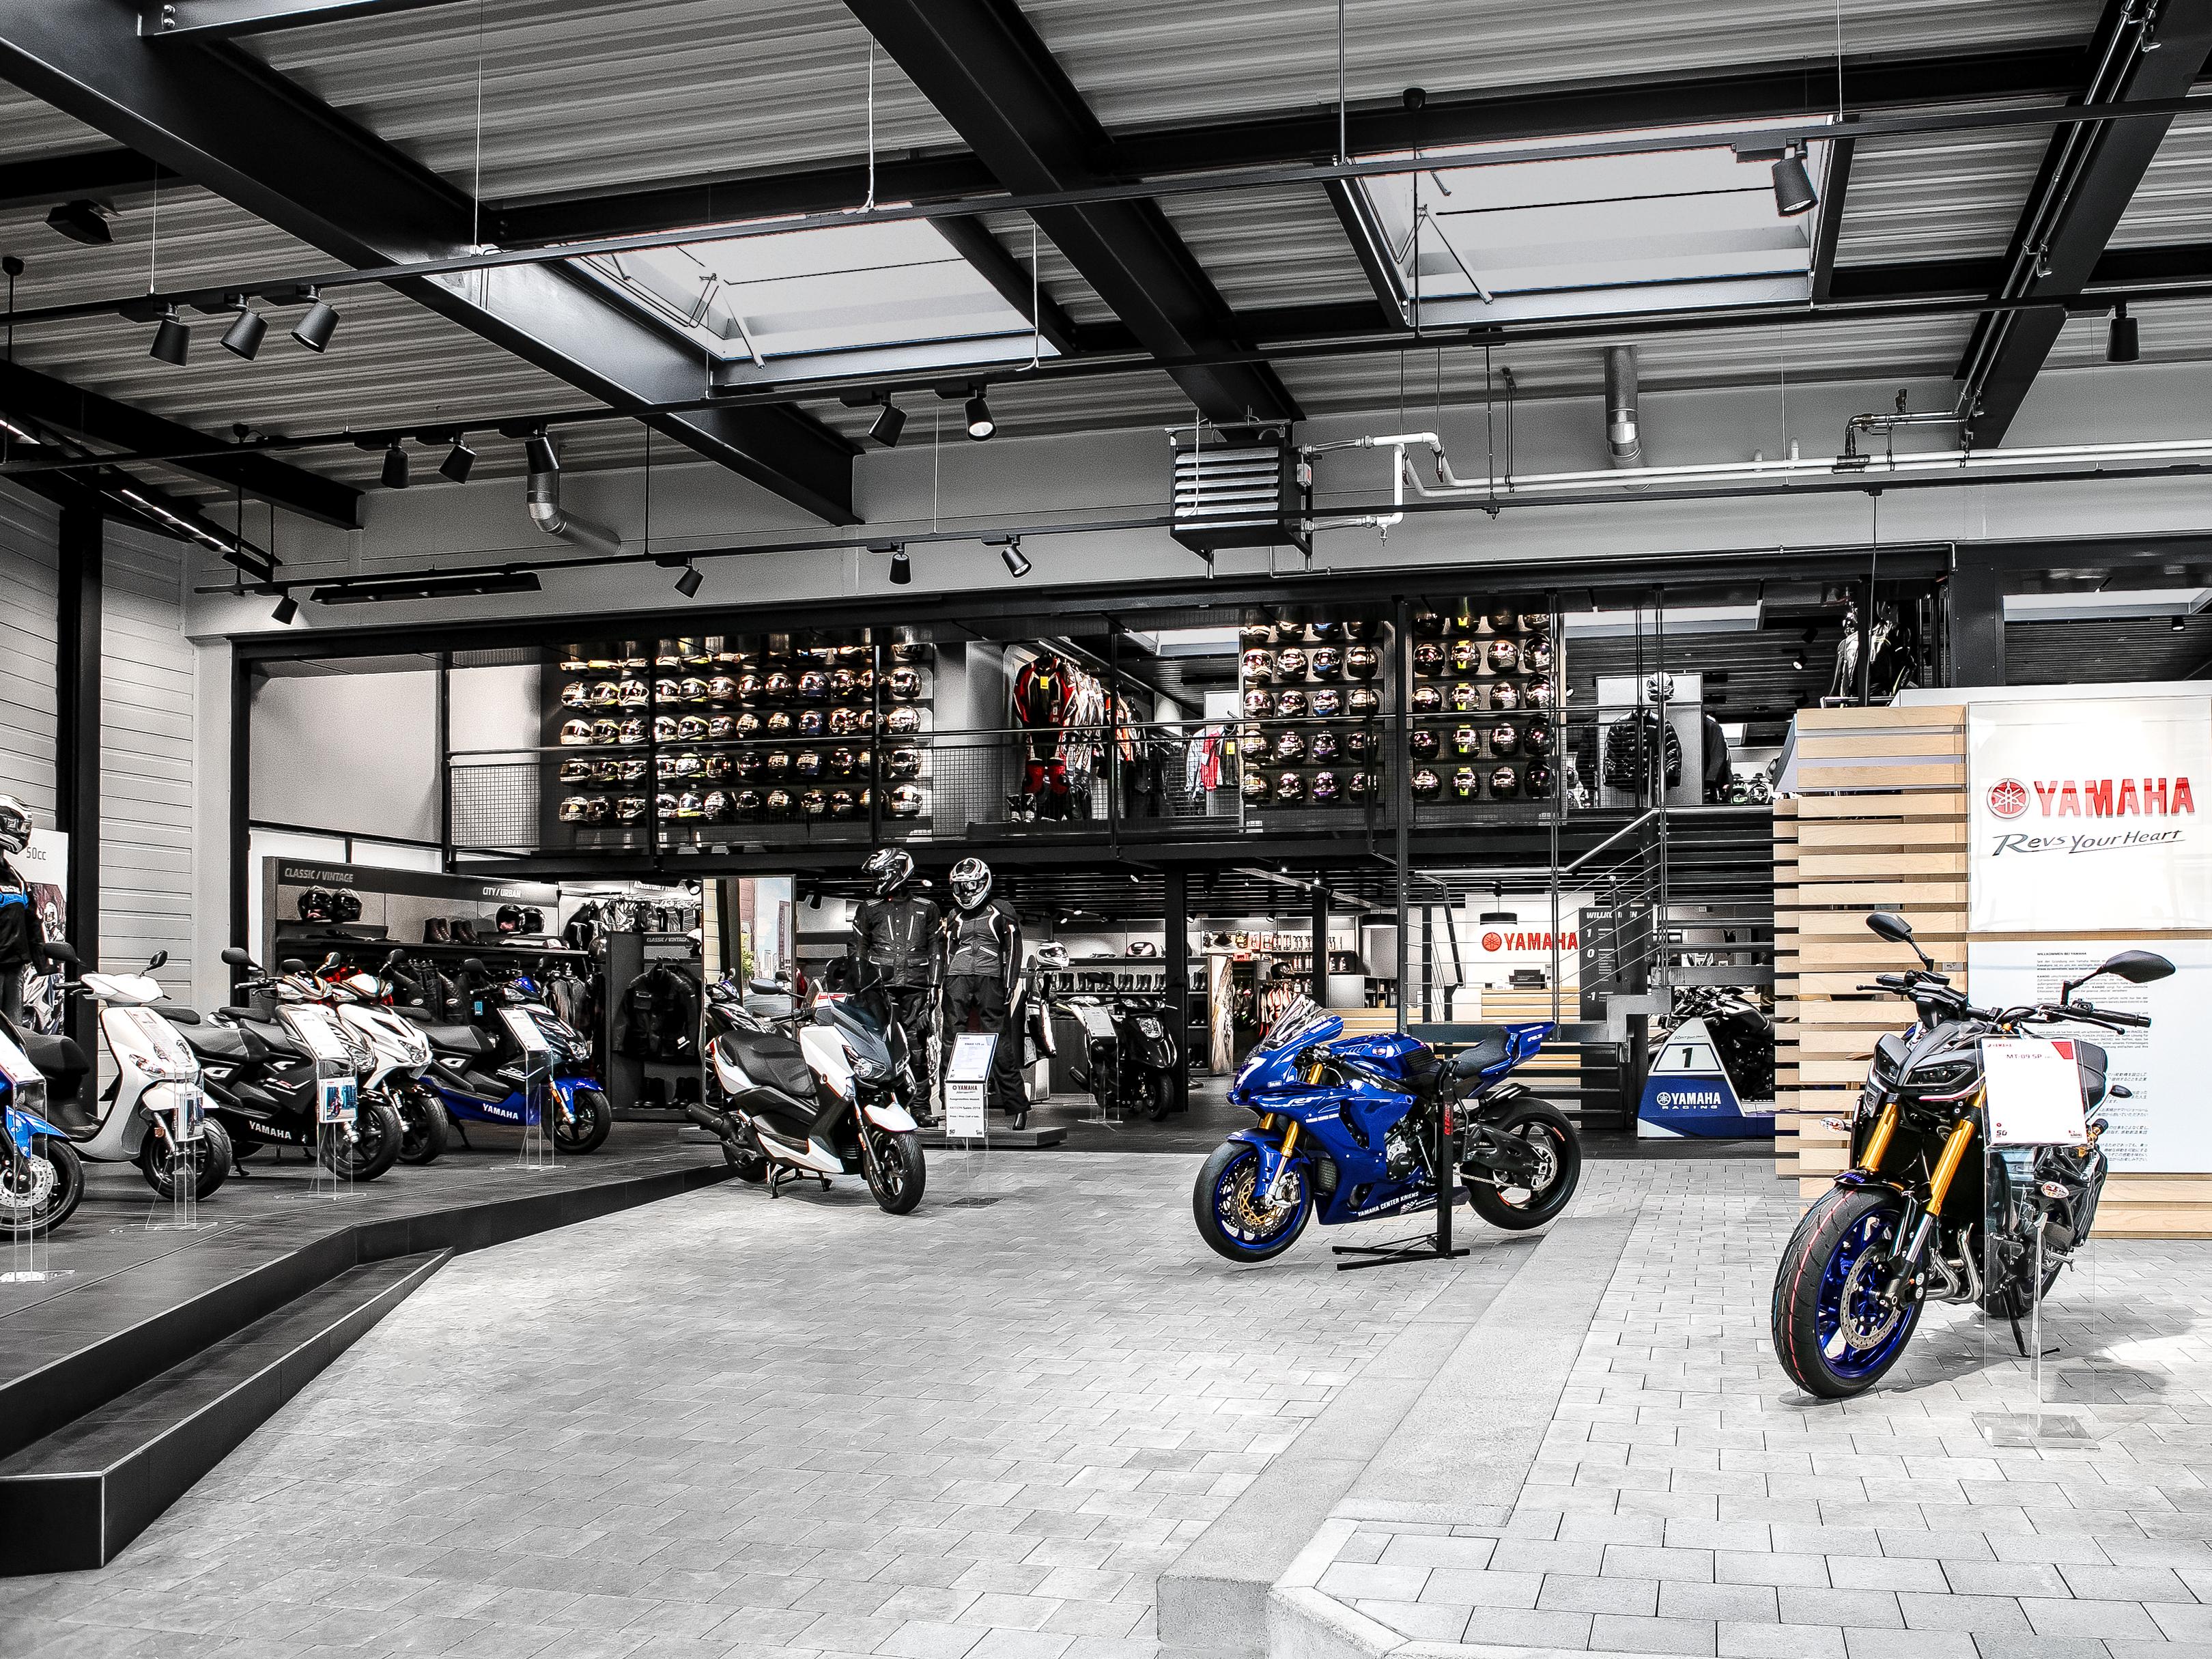 Yamaha Hostettler Verkaufsflächenkonzept